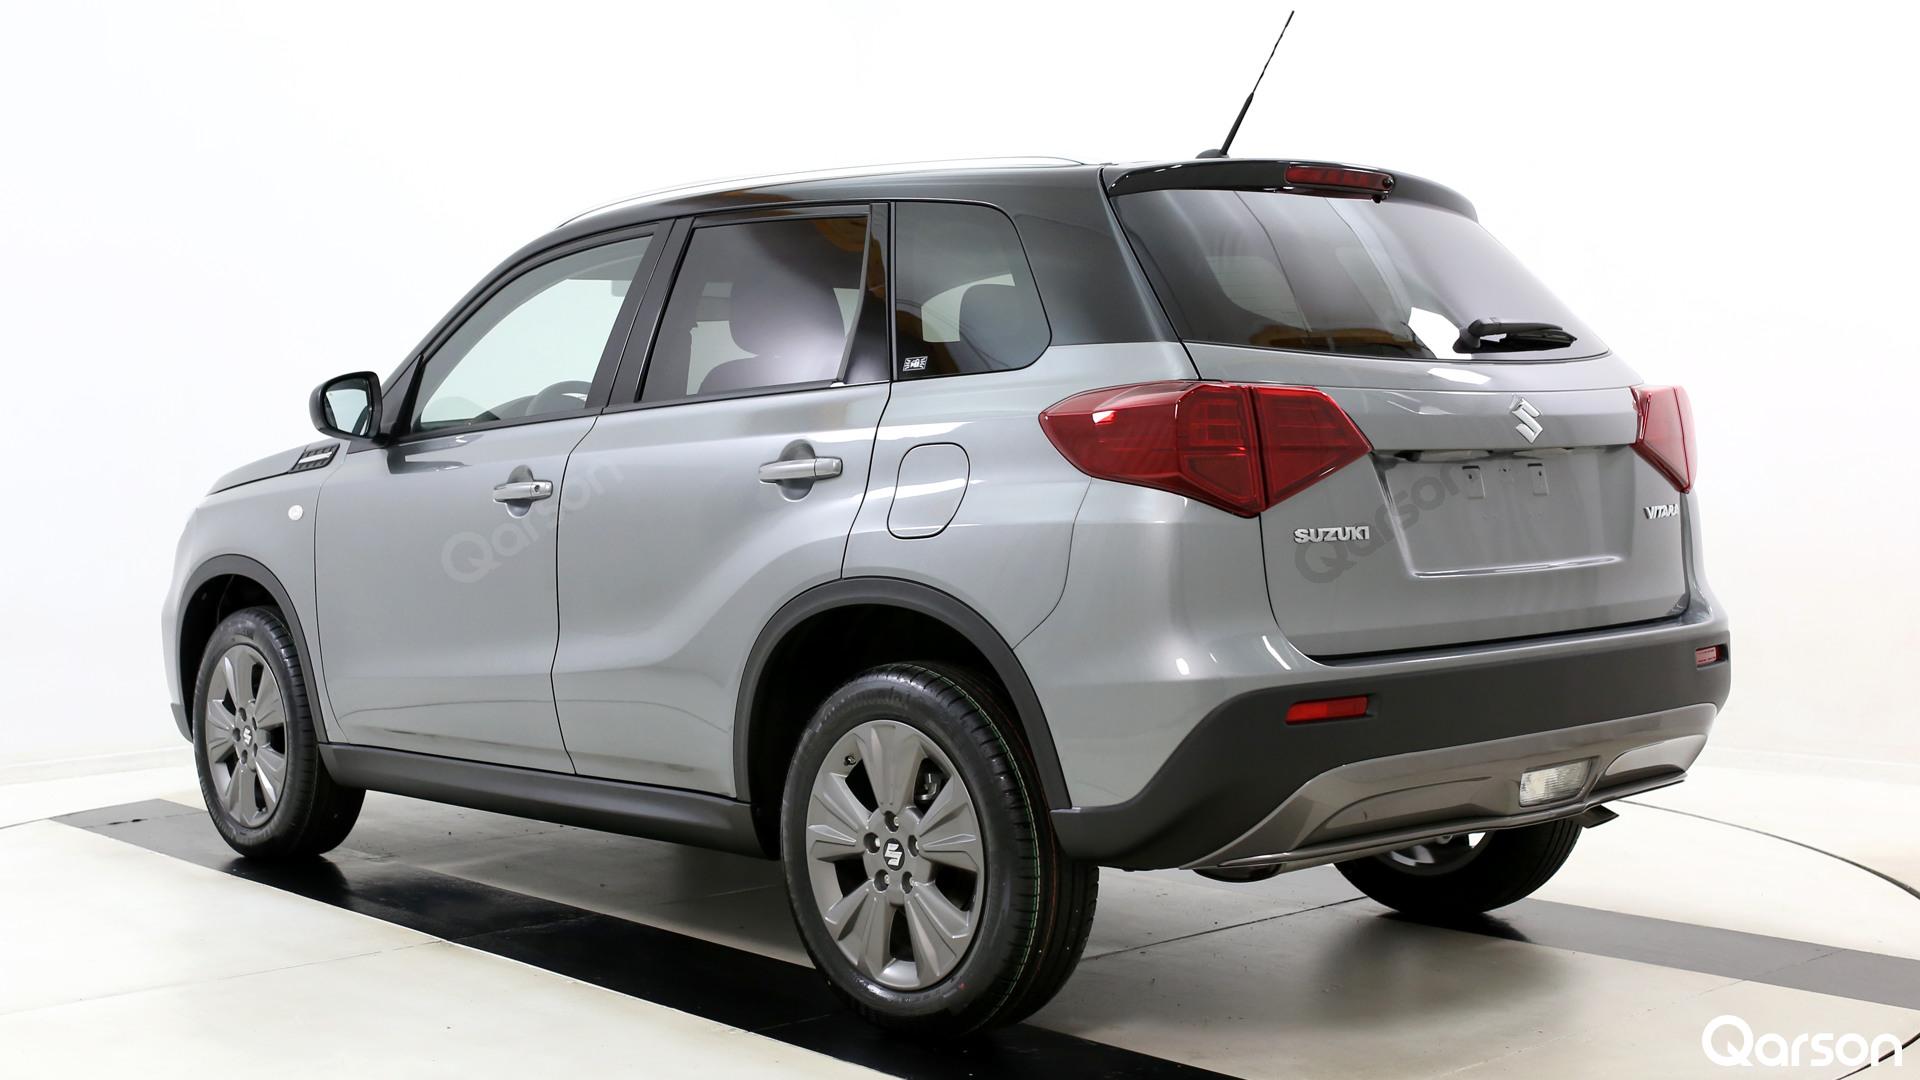 Suzuki Vitara Facelift Widok auta z tylnego boku pod kątem 60 stopni